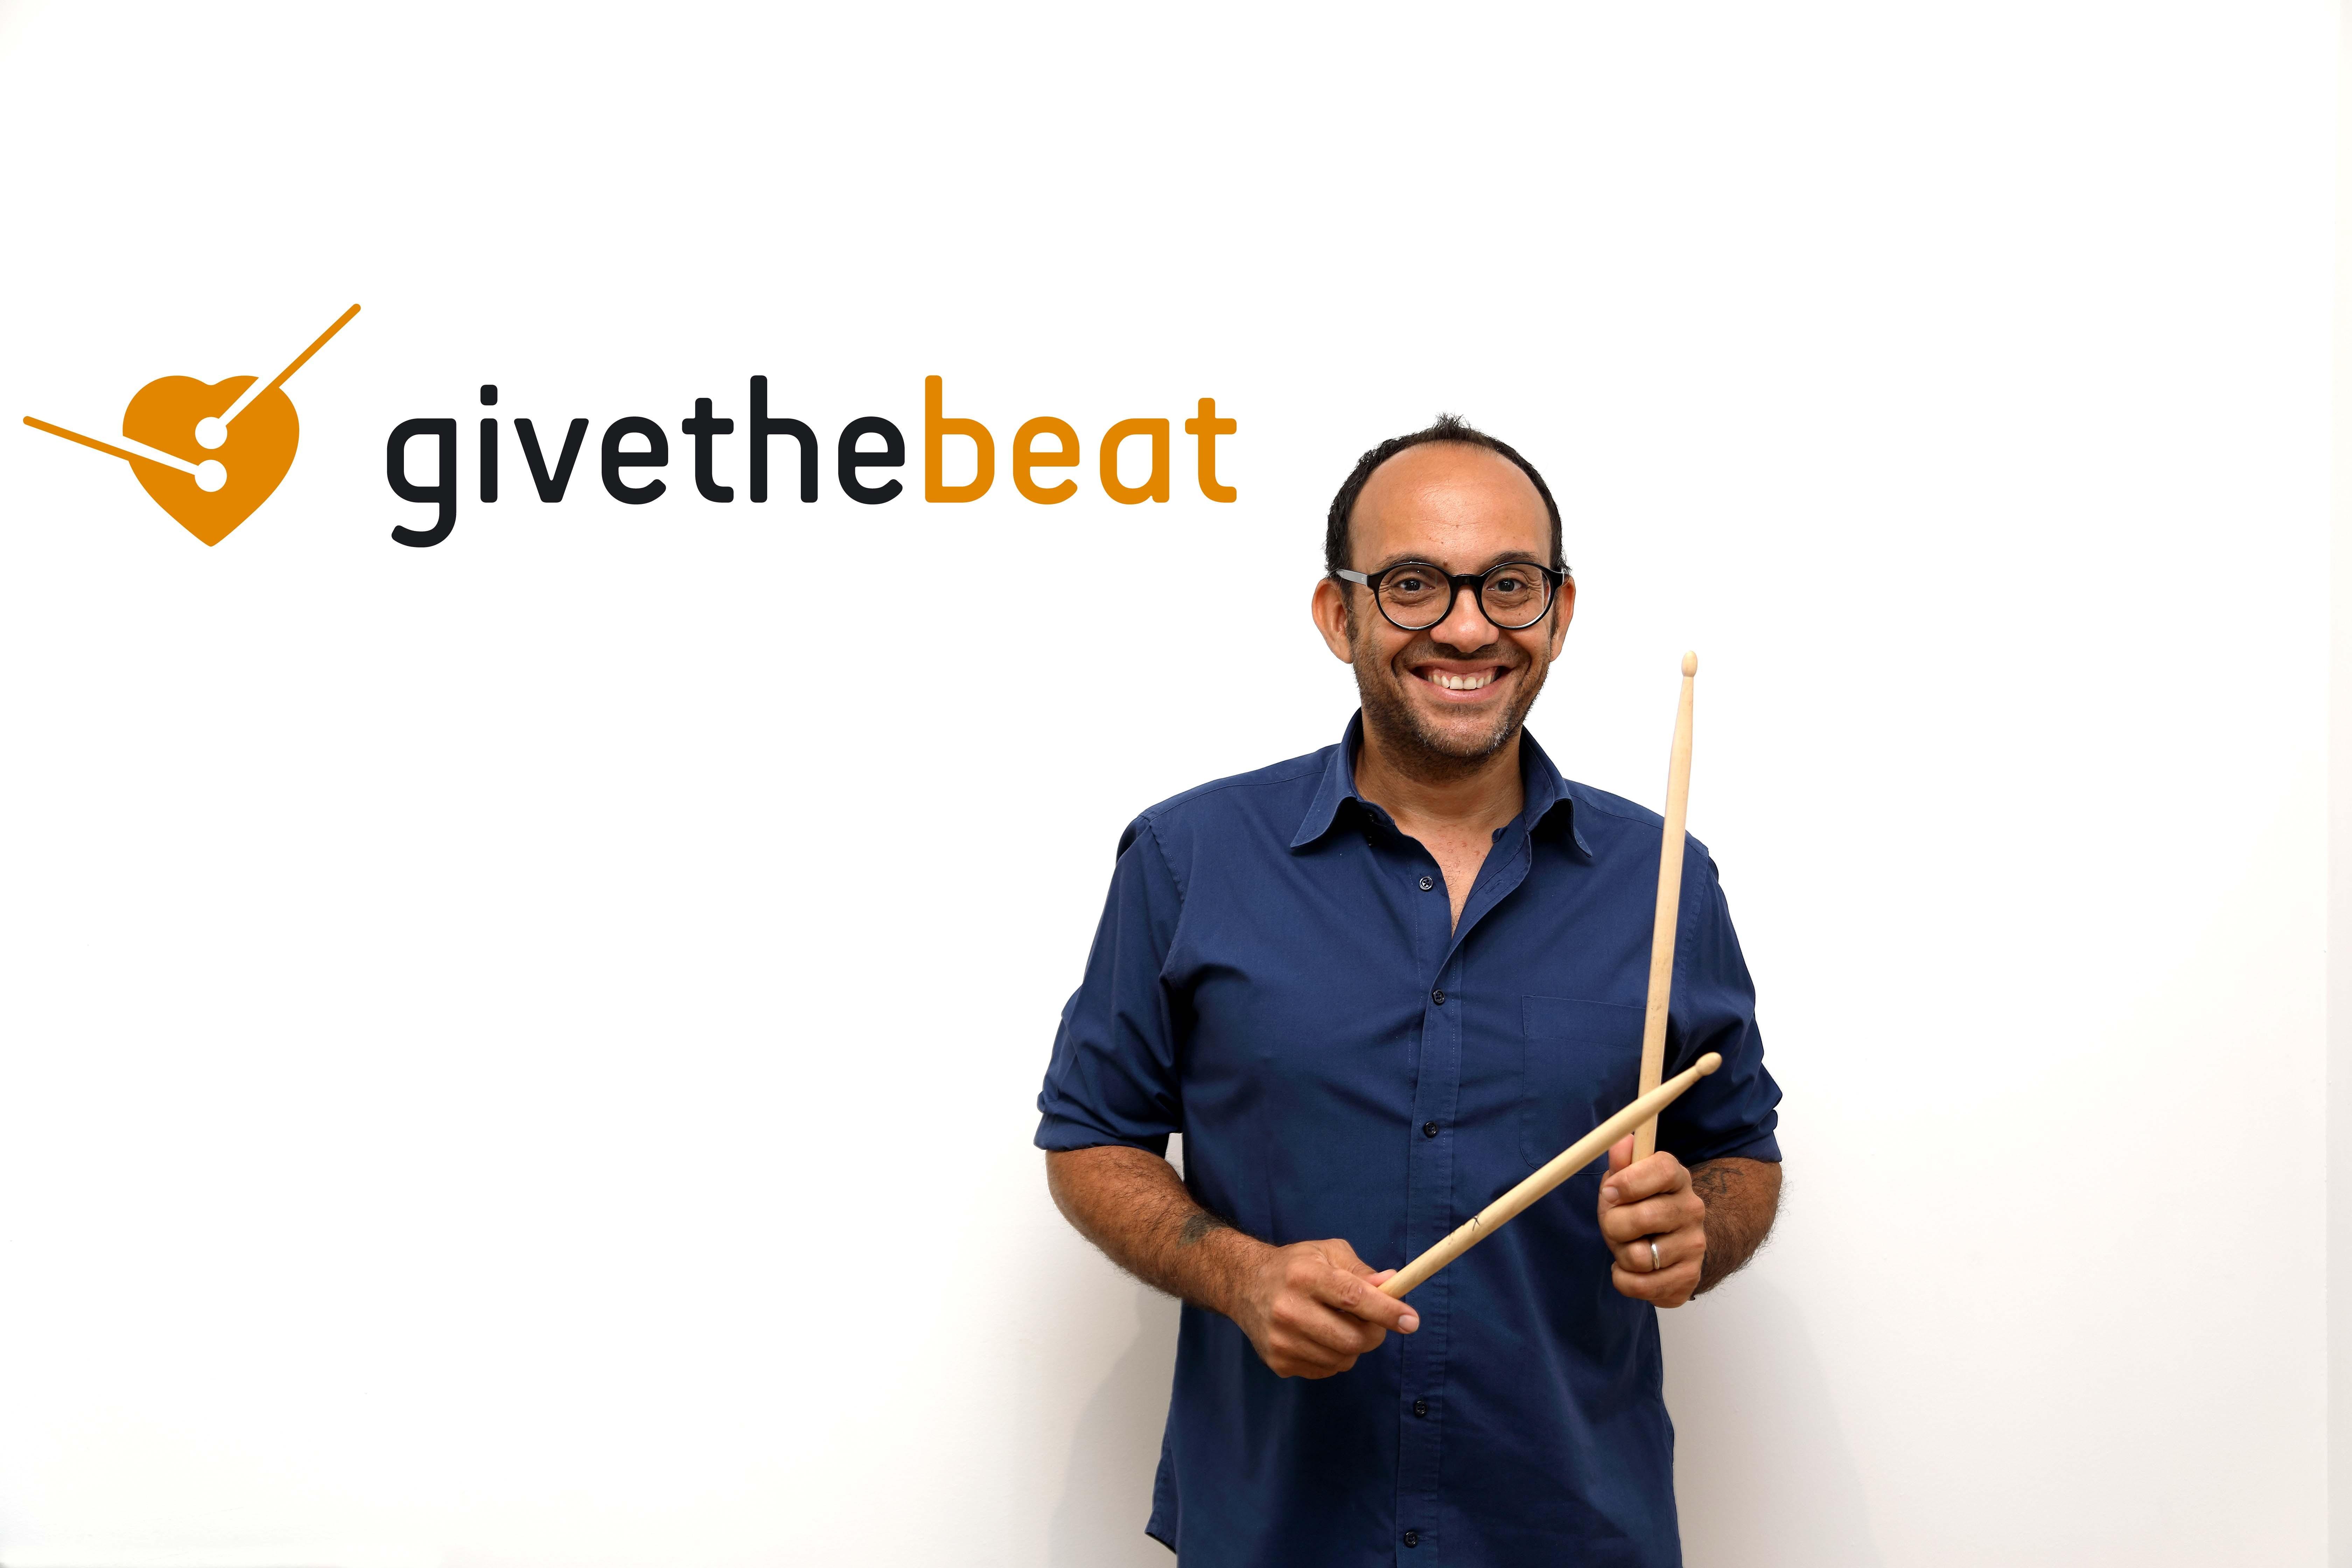 #GivetheBeat - Simone Durante-Simone Durante